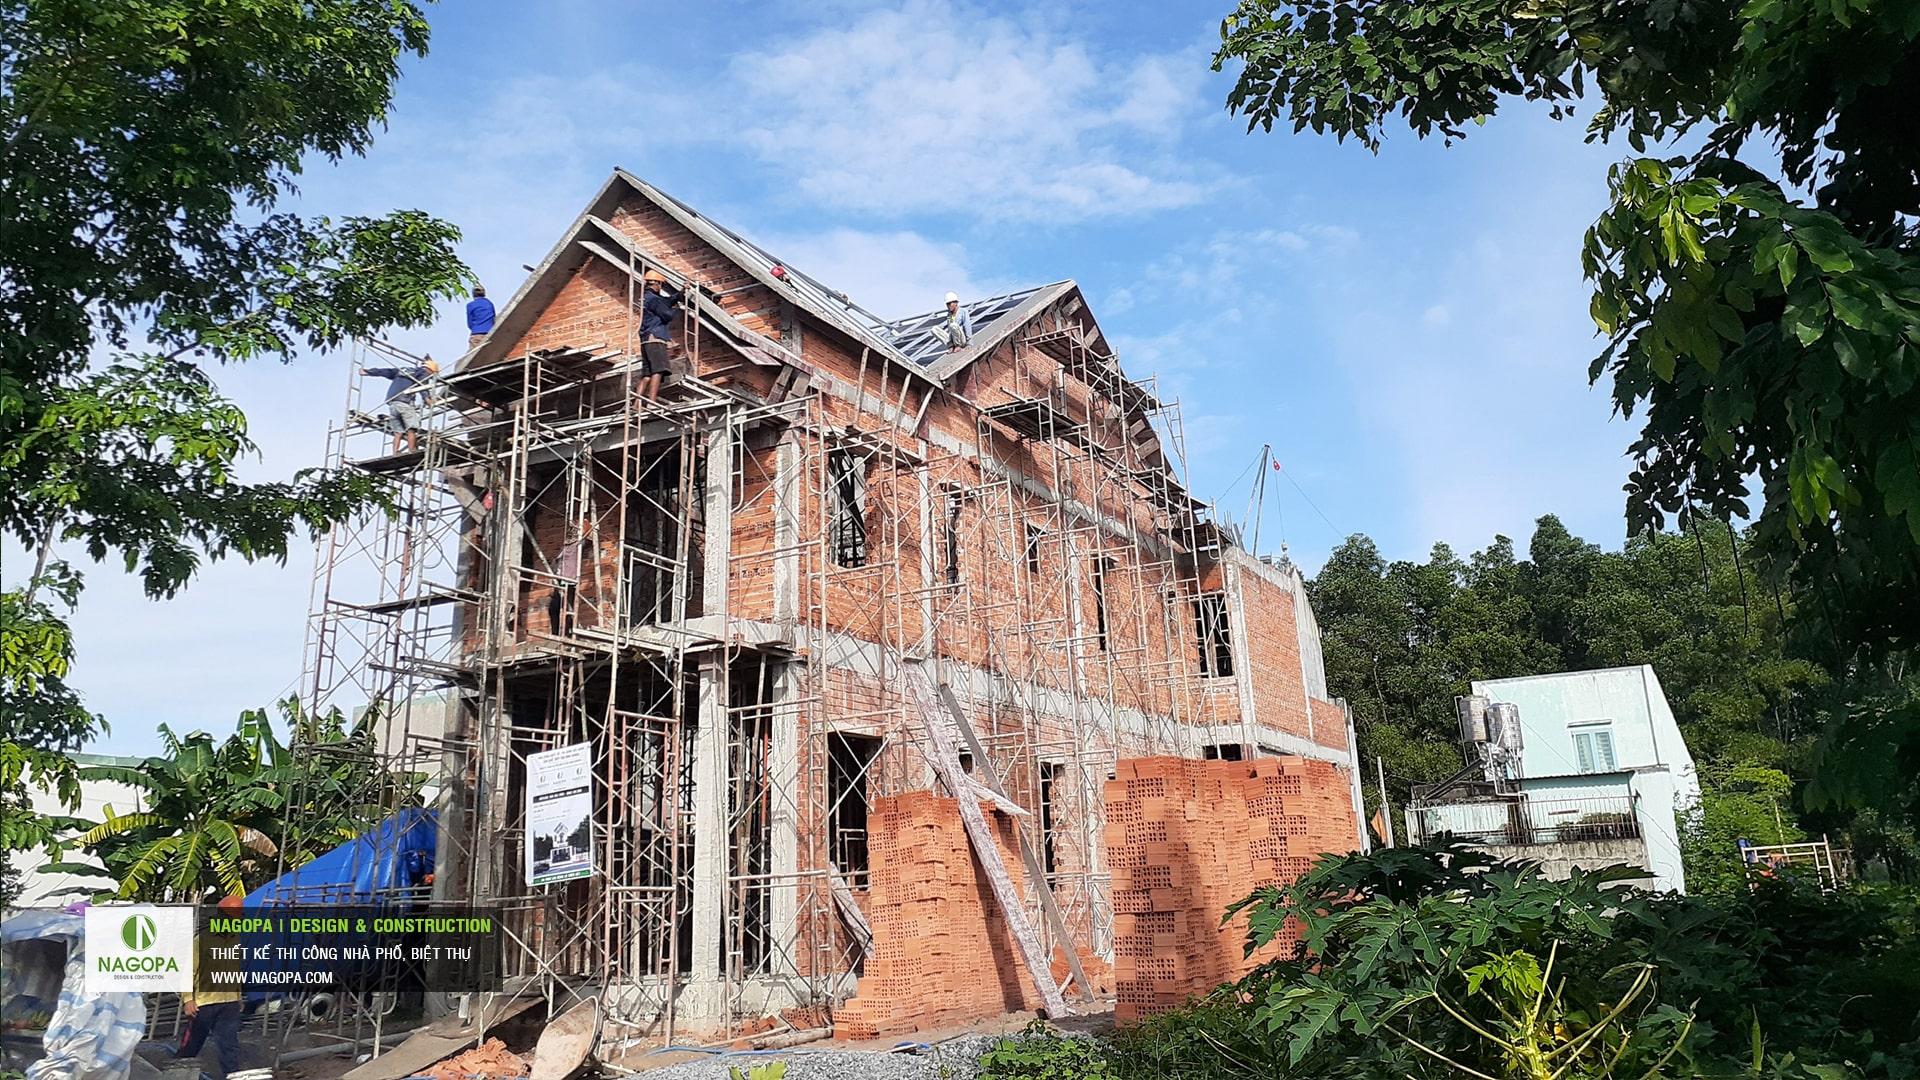 tiến độ xây dựng nhà phố chị H Thủ Dầu Một 02